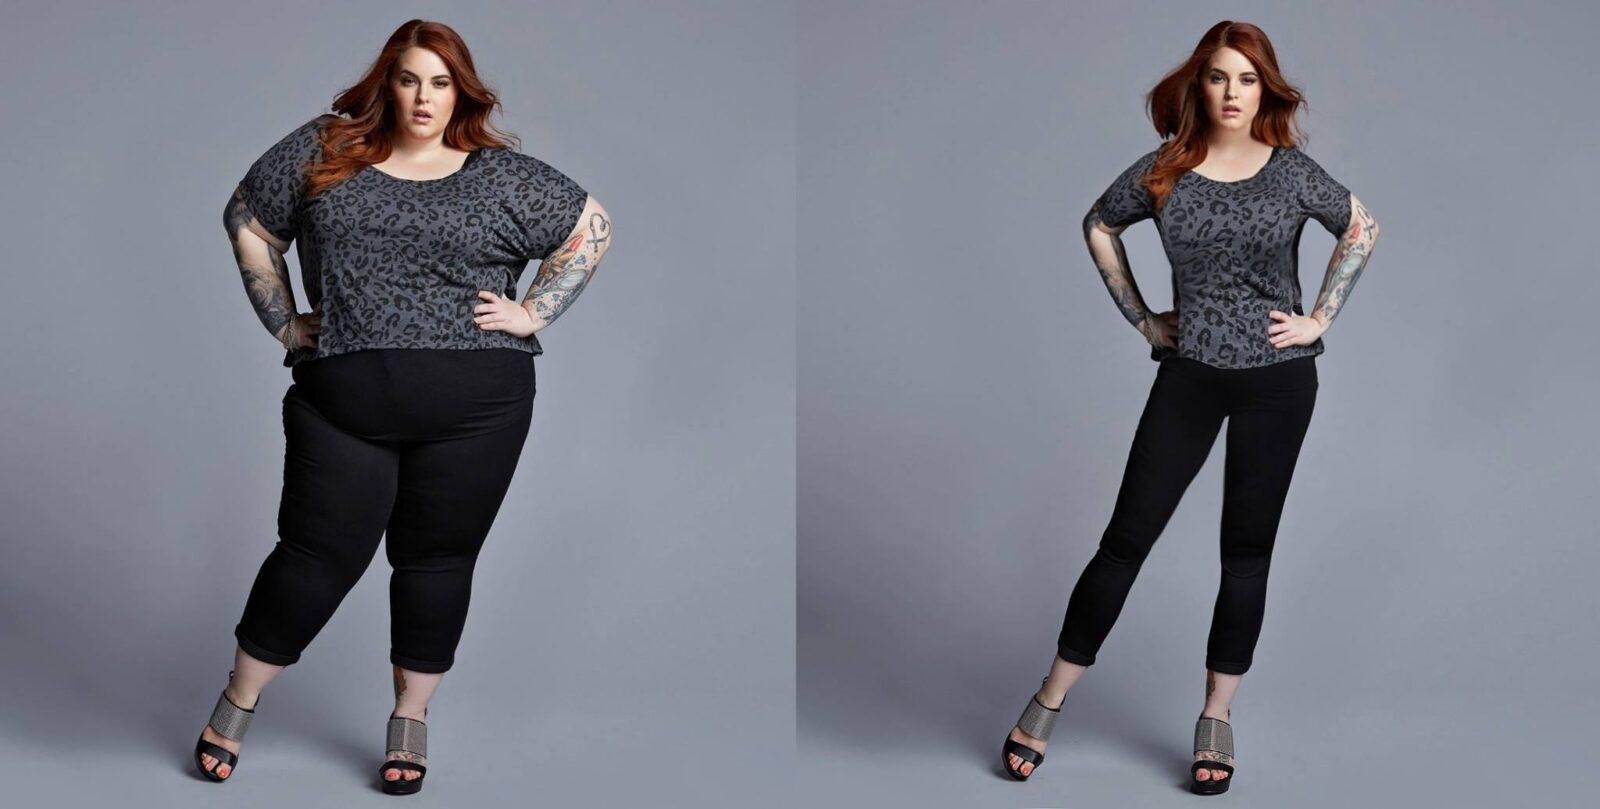 Девушкам показали фото, где они худые